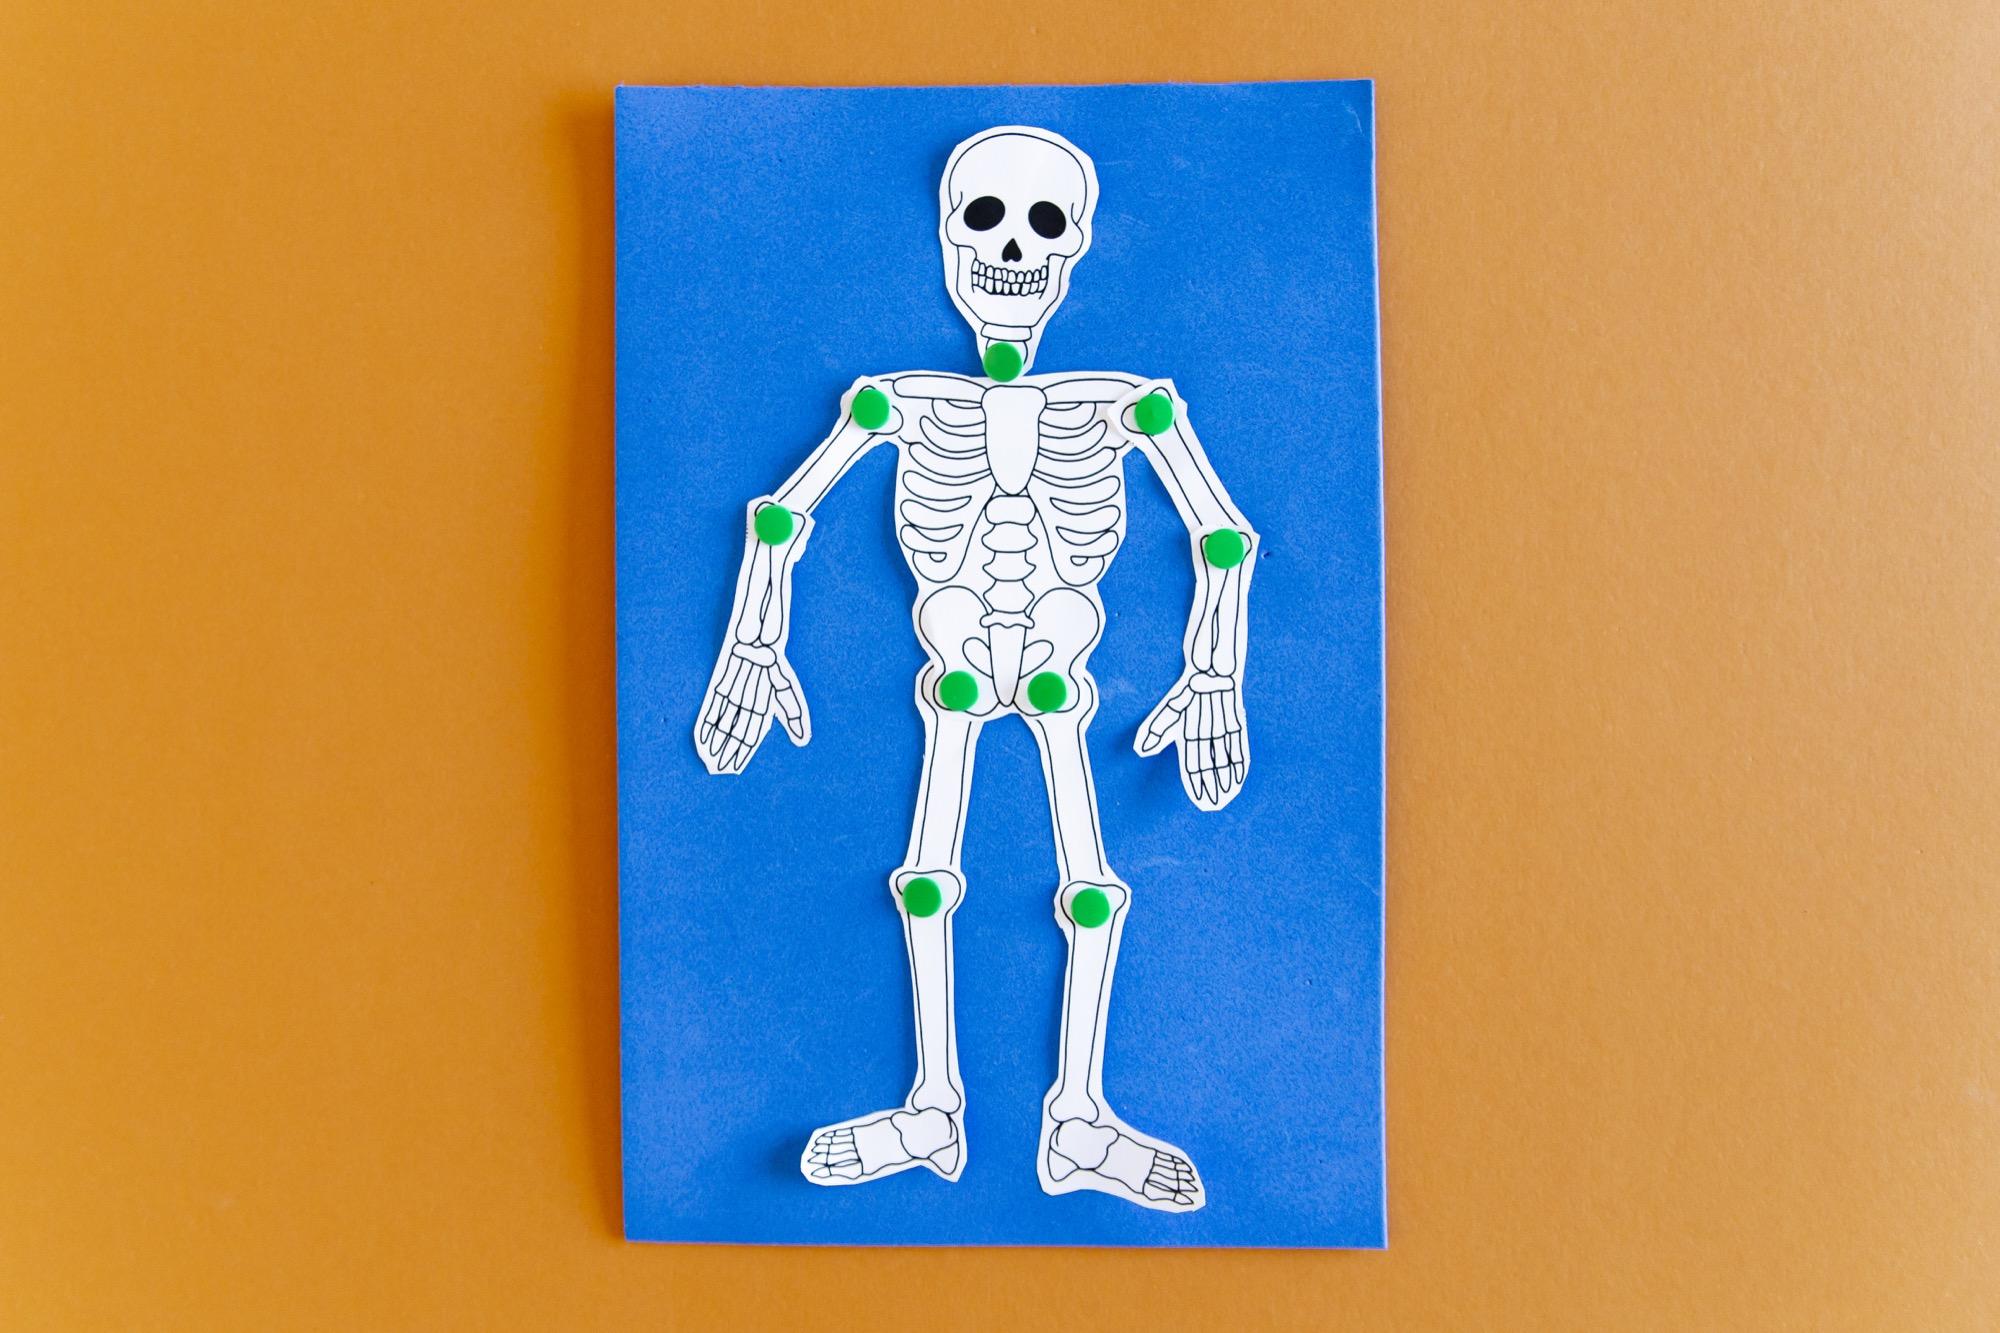 Mon squelette à faire danser - étape 4